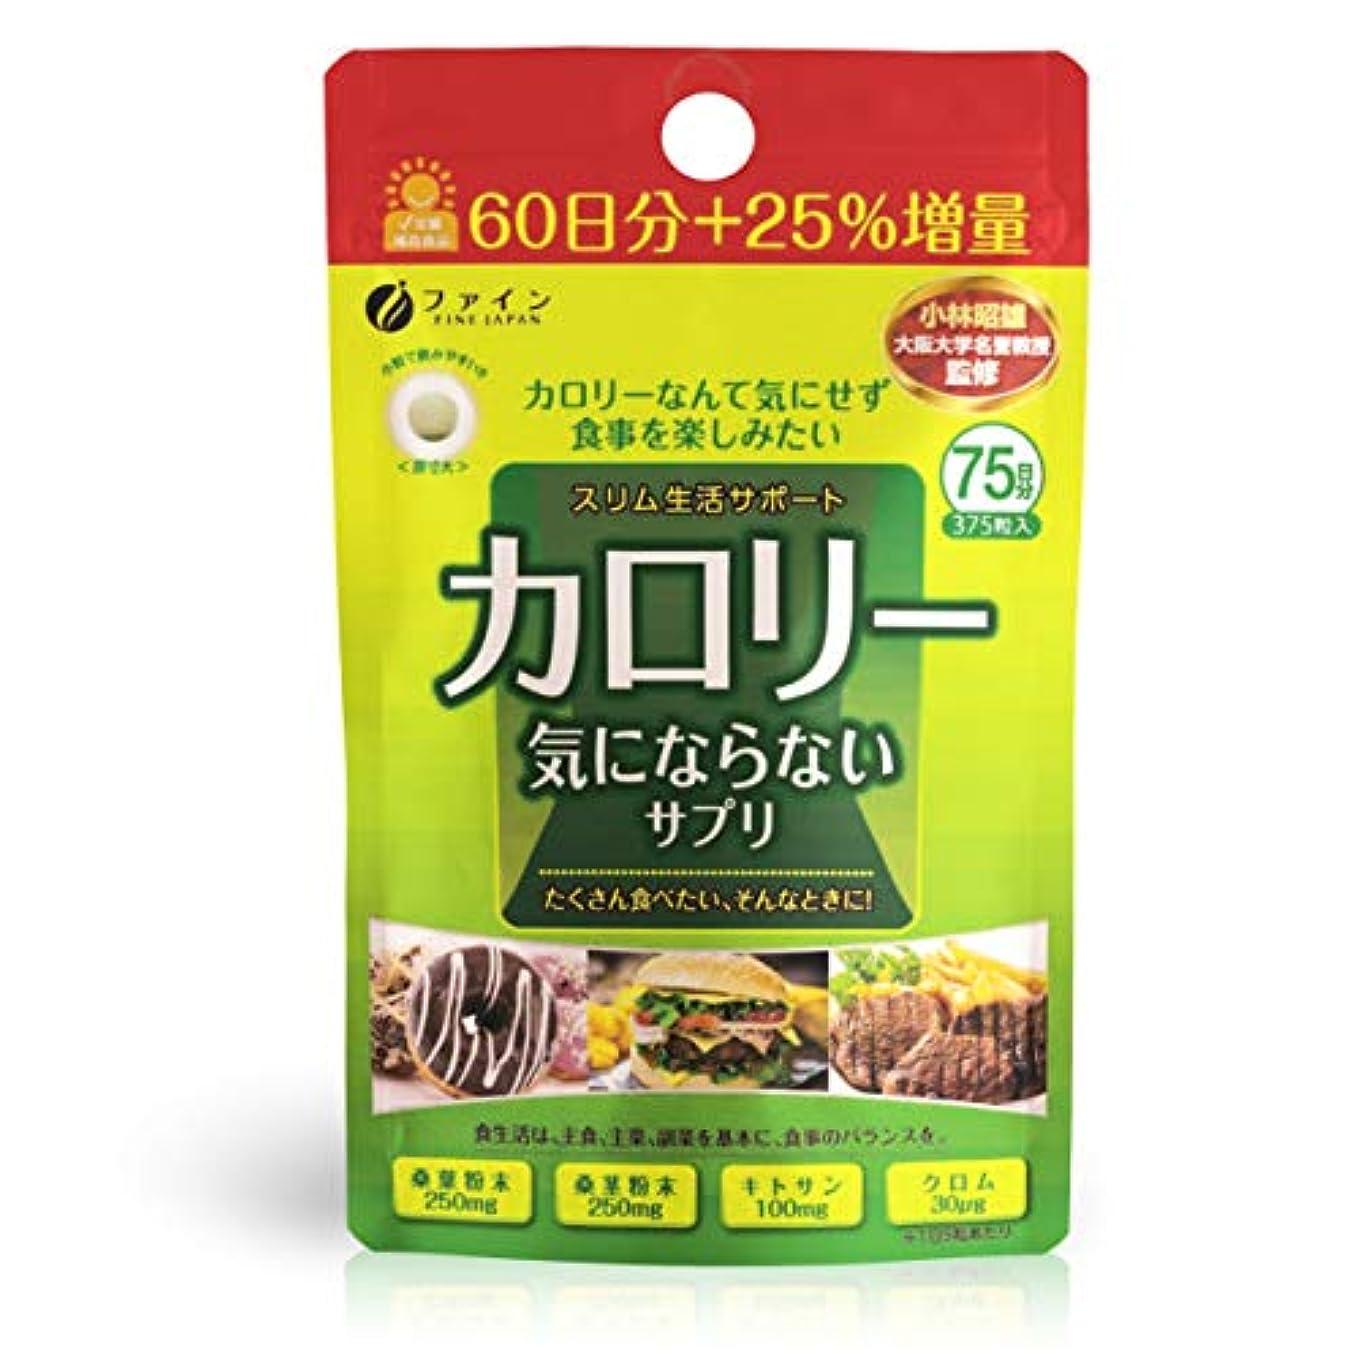 ノミネートルールブルームファイン カロリー気にならない 大容量品 375粒 75日分 桑葉粉末 桑茎粉末 キトサン 配合